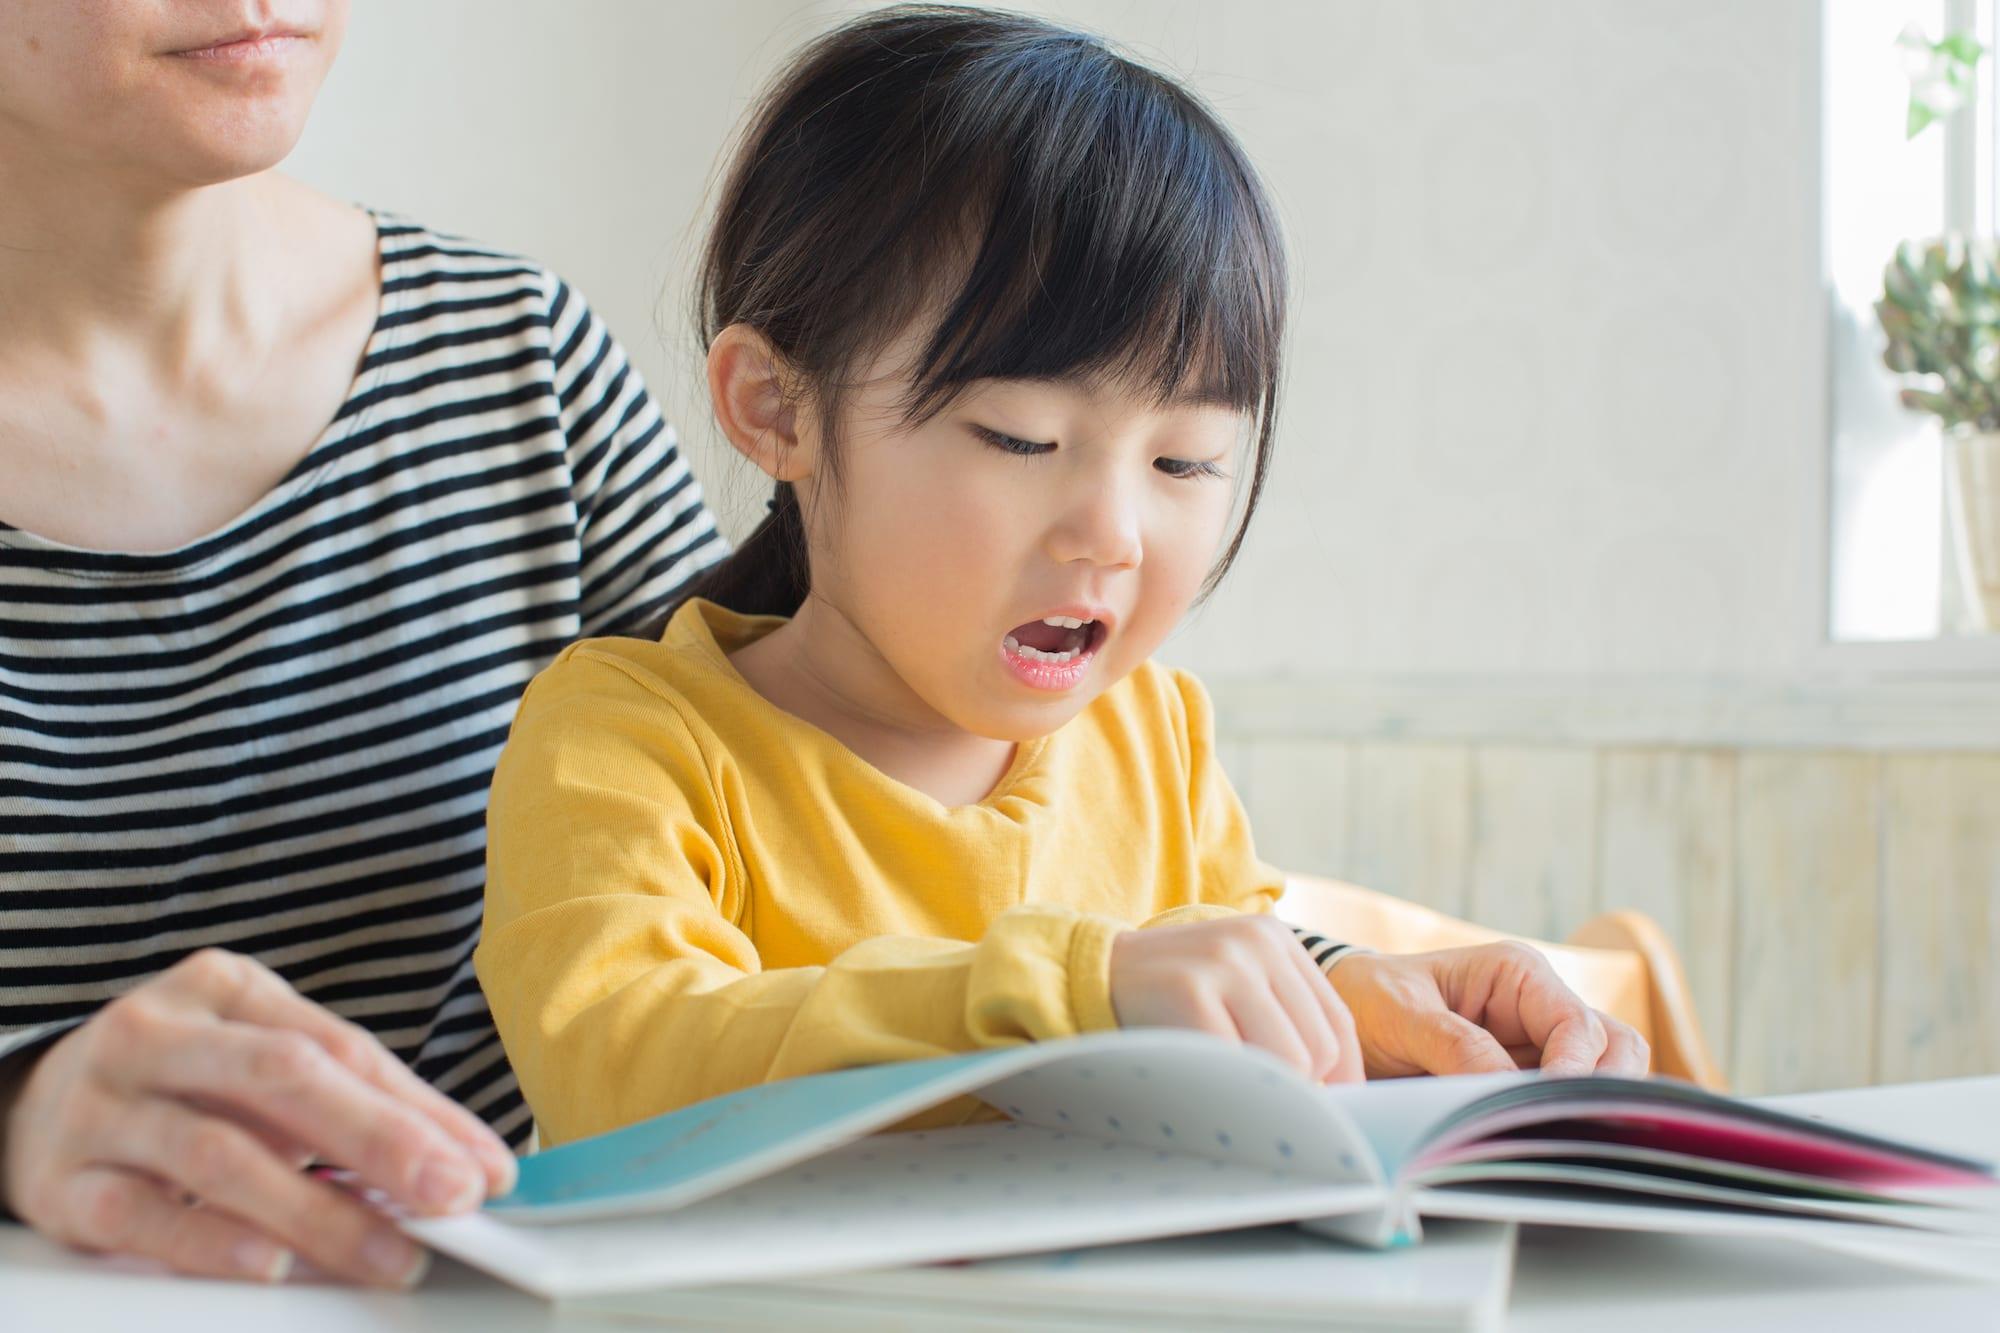 Muốn dạy con song ngữ, nhưng con giỏi tiếng Anh hơn tiếng Việt